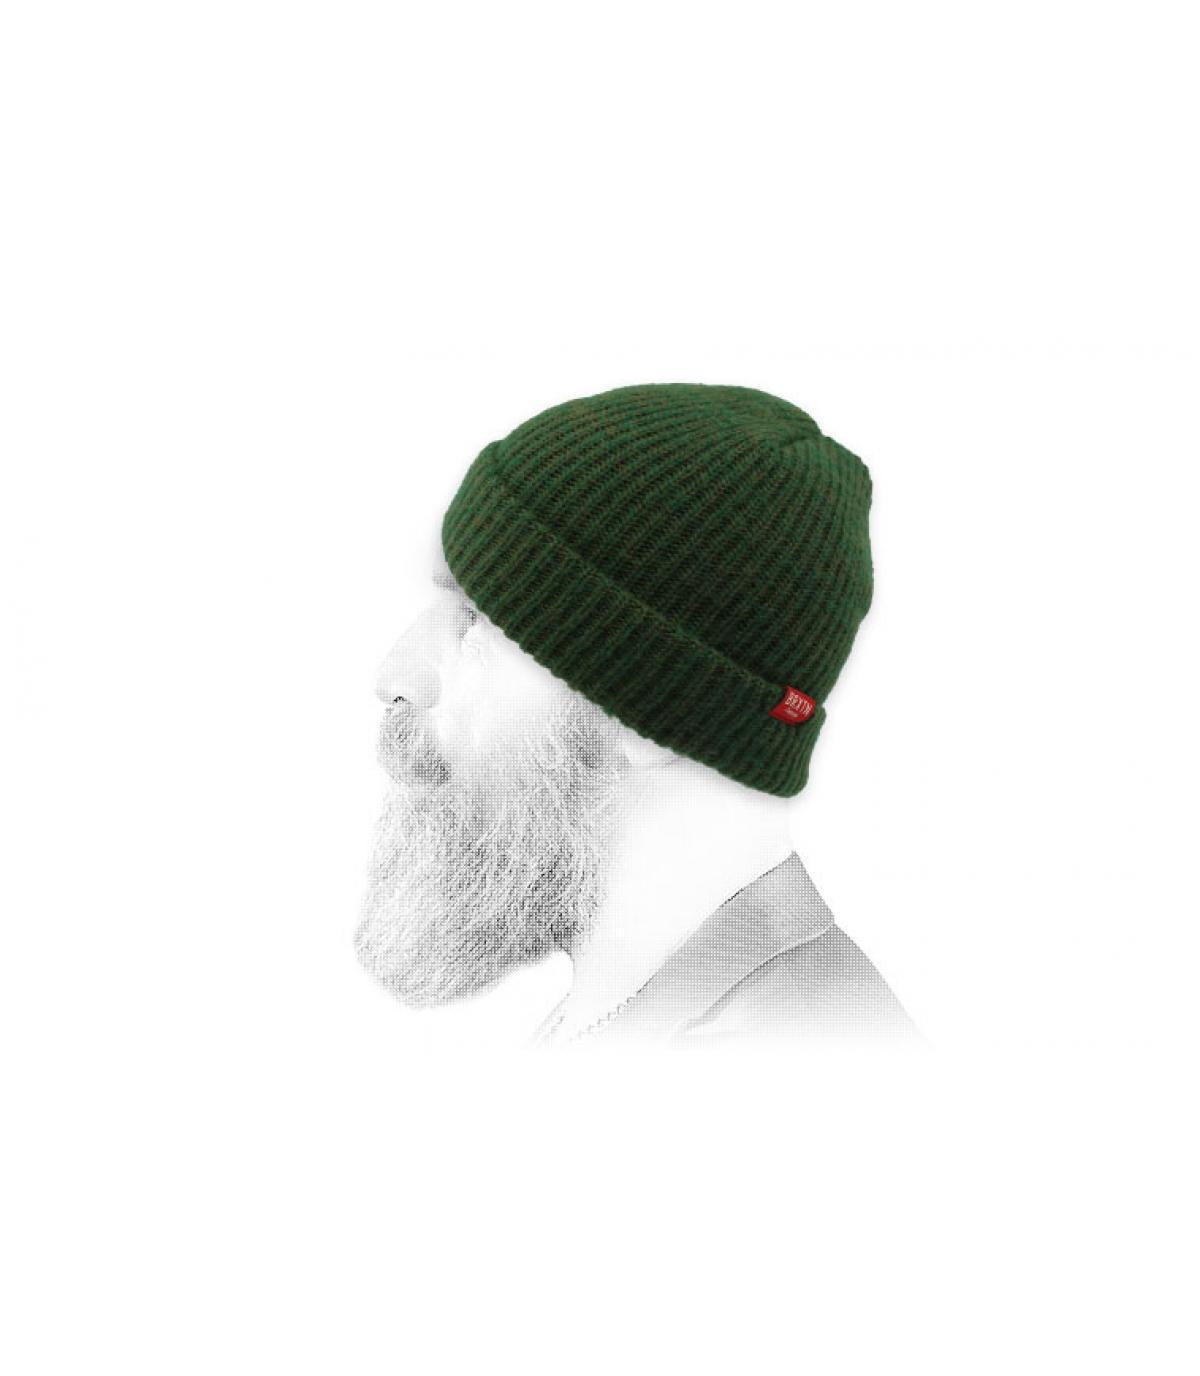 Mütze dunkelgrün Brixton